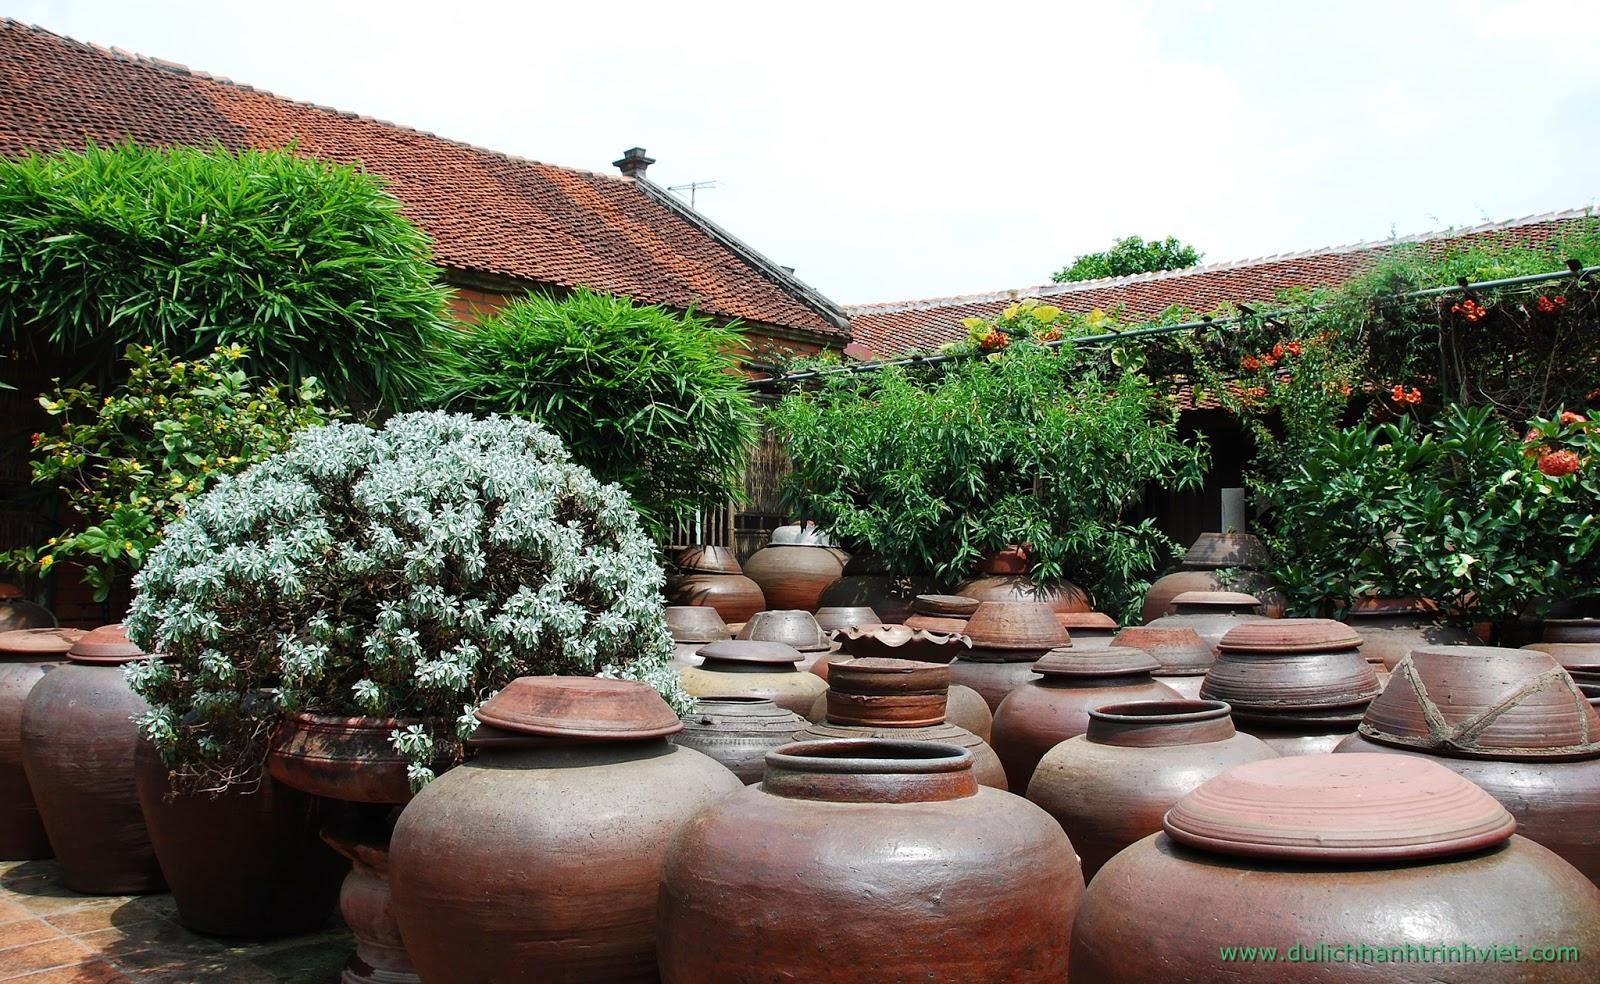 Ancient village de Duong Lam, Hanoi